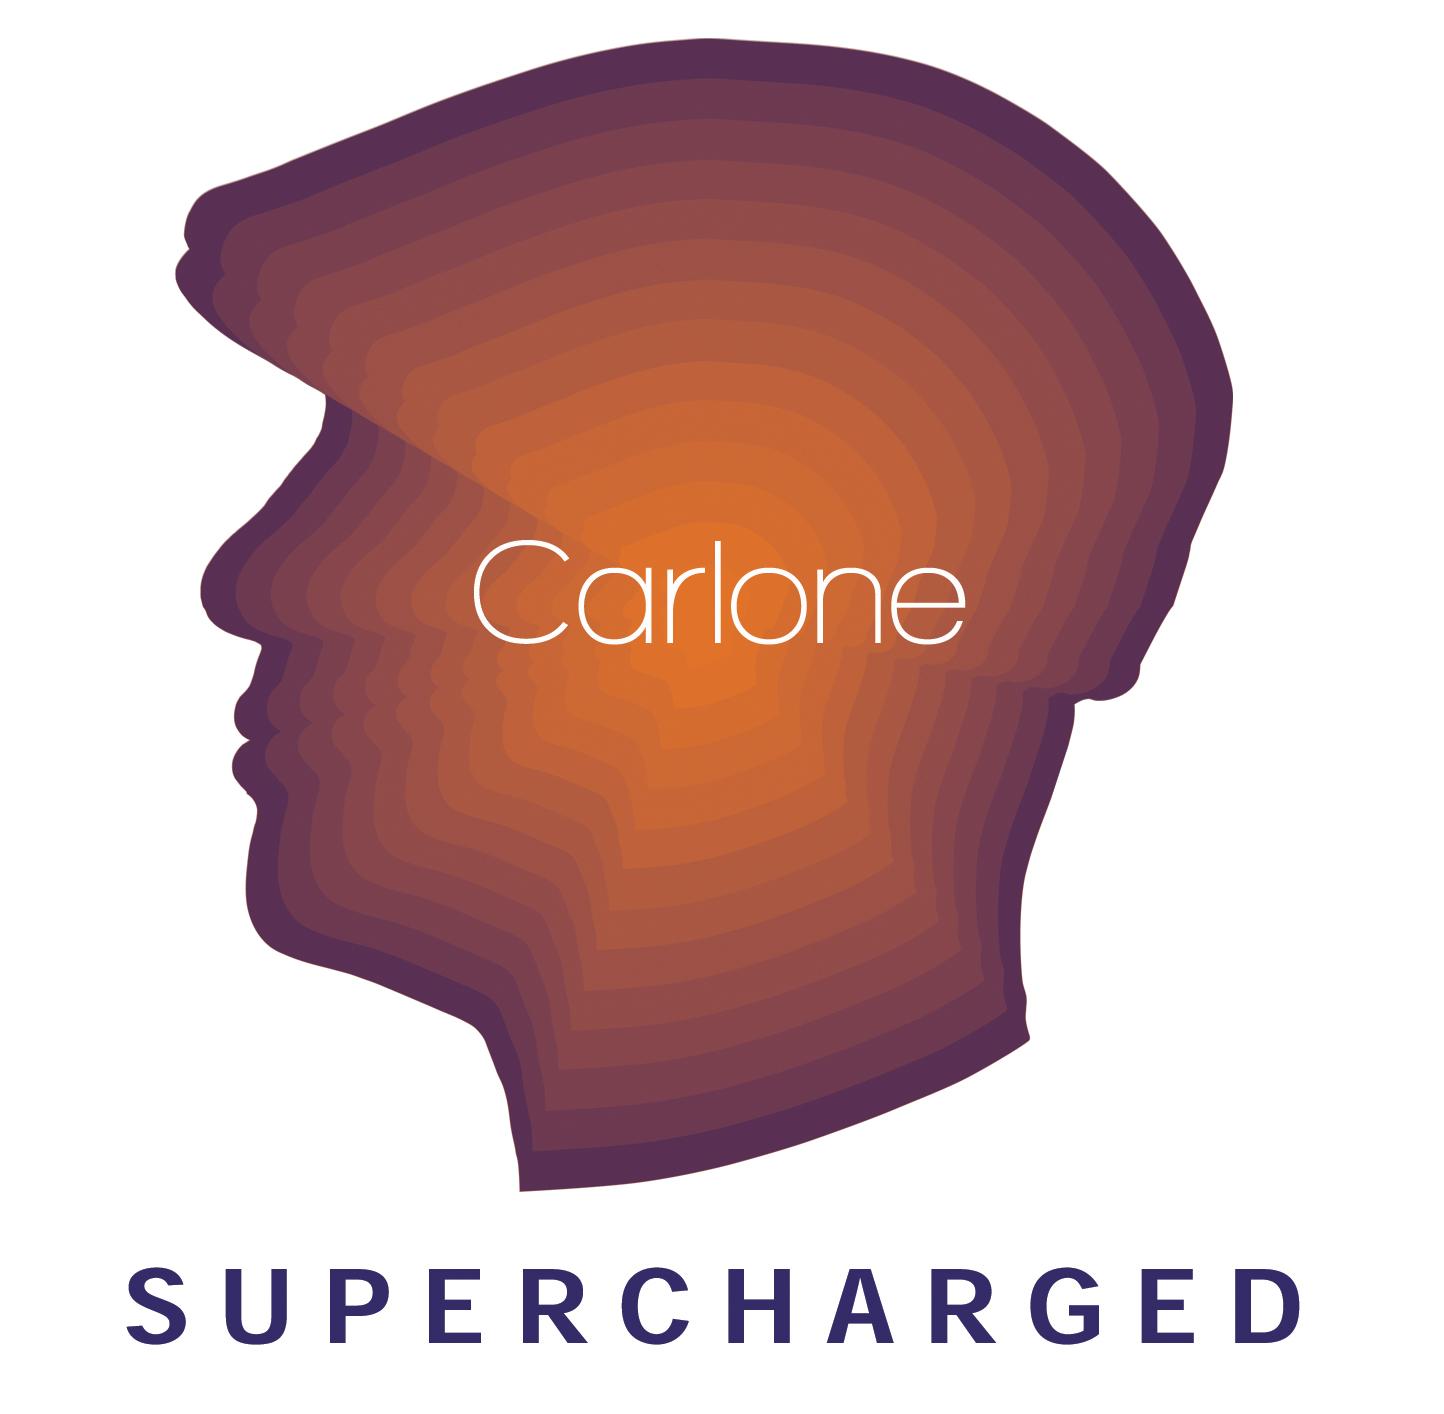 Carlone